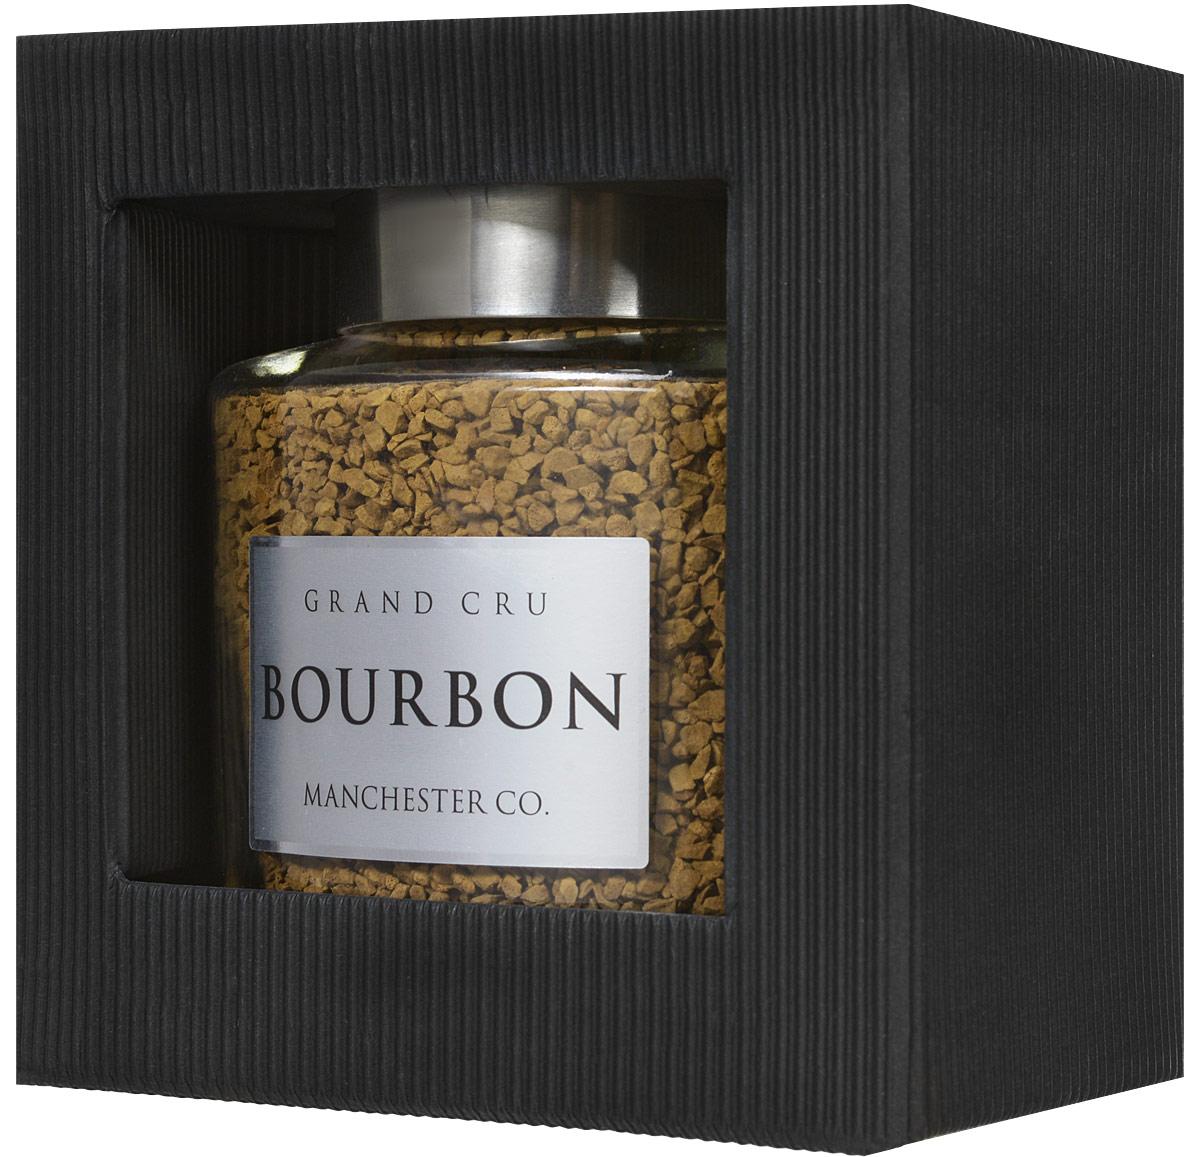 Bourbon Grand Cru кофе растворимый, 100 г4607141334603Bourbon Grand Cru -напиток, созданный для ценителей качества и оригинального вкуса. Этот продукт является натуральным растворимым сублимированным кофе, обладающим изысканным букетом. В состав бленда входит 100% натуральный желтый бразильский бурбон, благодаря которому напиток обладает необыкновенно сливочным вкусом и оригинальным древесно-табачным послевкусием, оставляющим незабываемое впечатление.Желтый бразильский бурбон имеет поистине королевскую родословную и считается прародителем всех сортов арабики. Сегодня этот сорт арабики культивируют всего на нескольких высокогорных плантациях на юге Бразилии, и обрабатывают исключительно натуральным способом. Сушат ягоды прямо на ветвях, поэтому вкус напитка характеризуется сладковатой сливочной доминантой. Идеальный вариант в качестве основы для эспрессо.